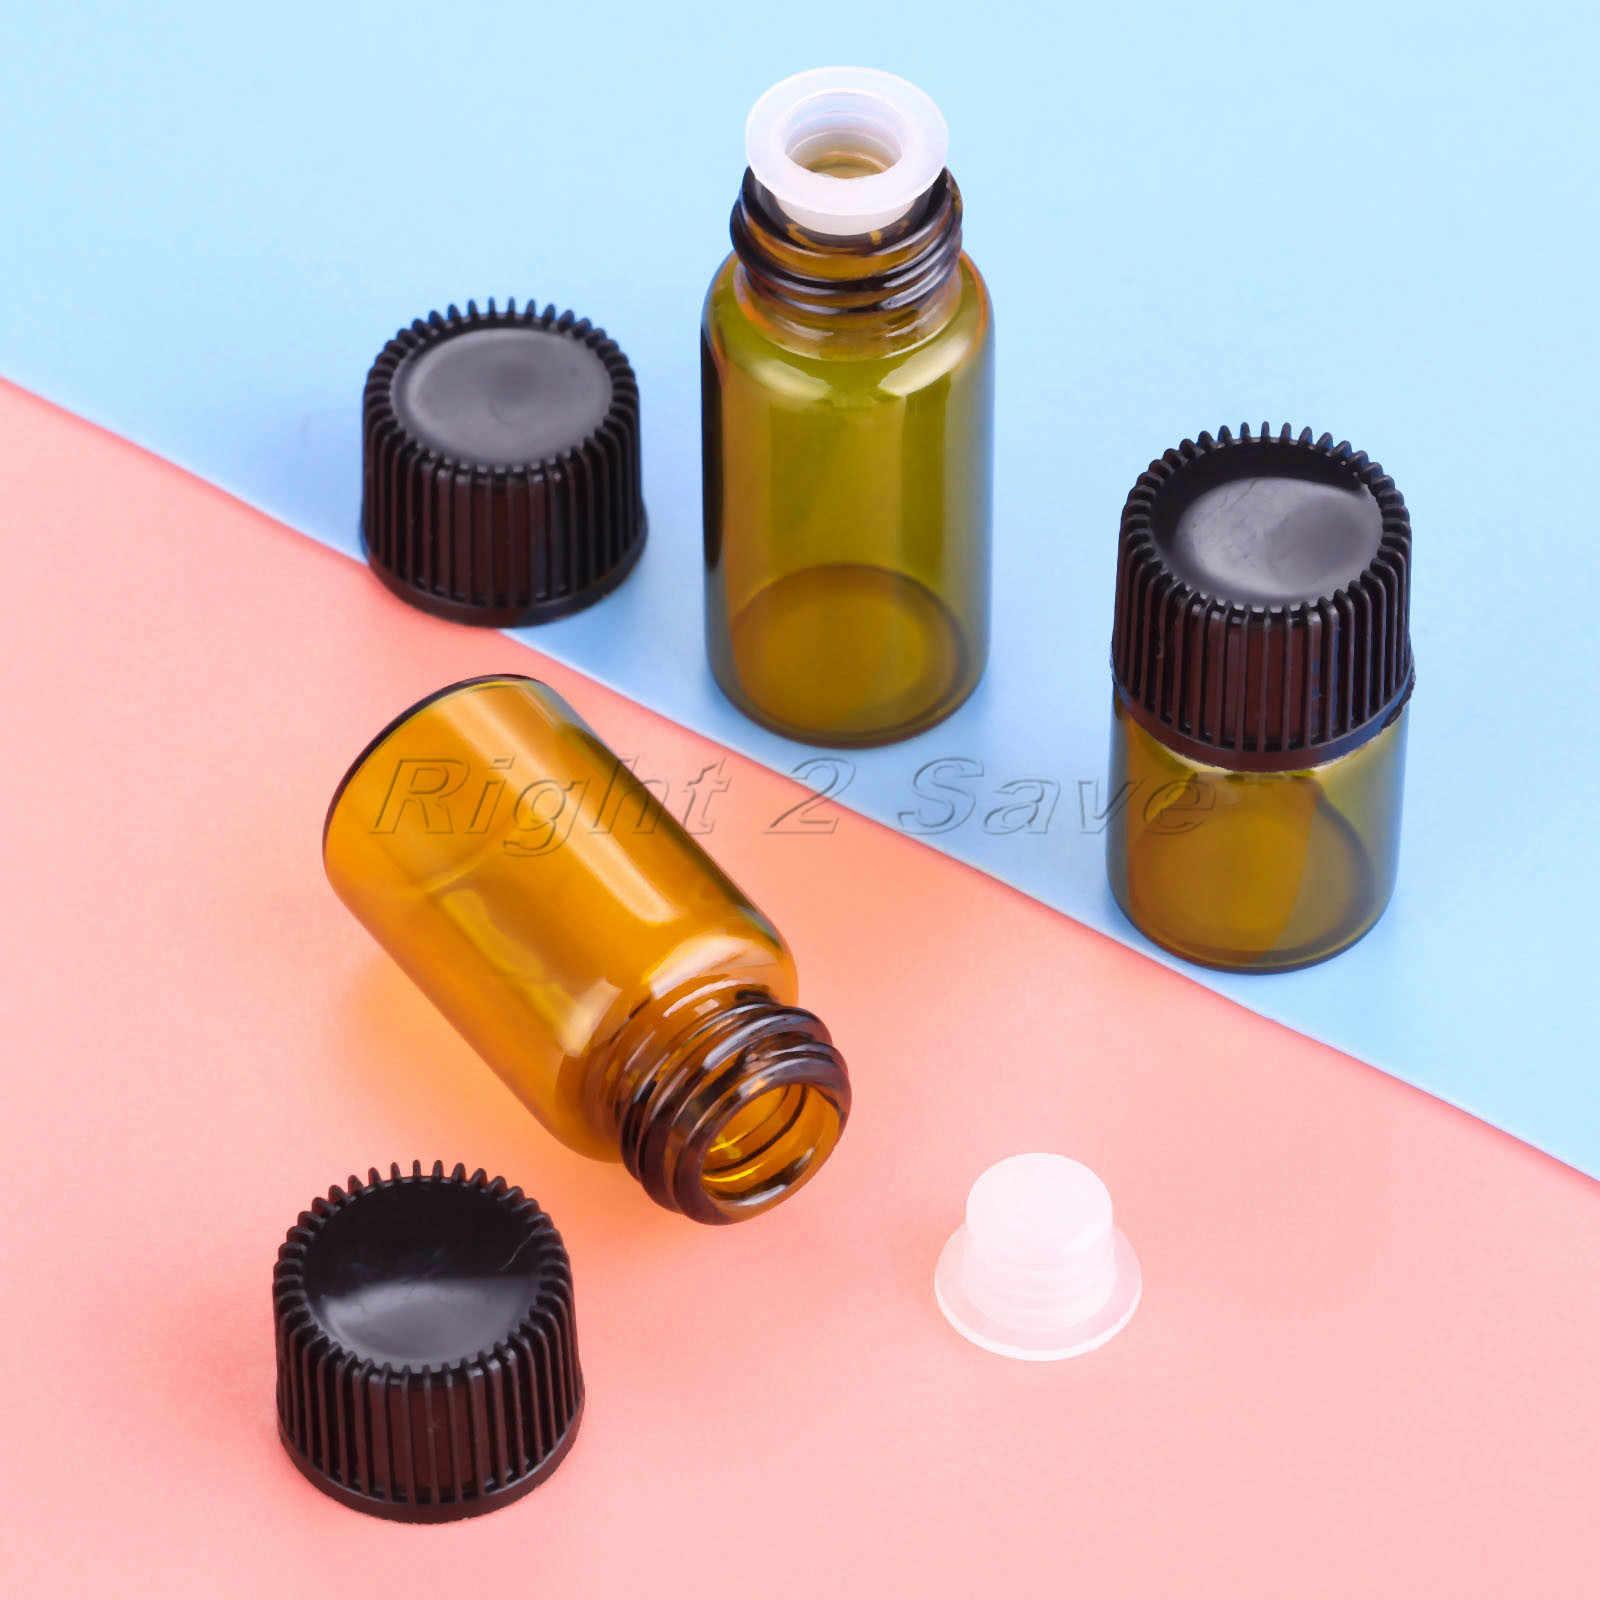 10 Uds botellas de cristal de aceite esencial 1ml 2ml 3ml 4ml 5ml Esencia de aceite vegetal Almacenamiento de aromaterapia tapa negra frasco de ámbar de Perfume